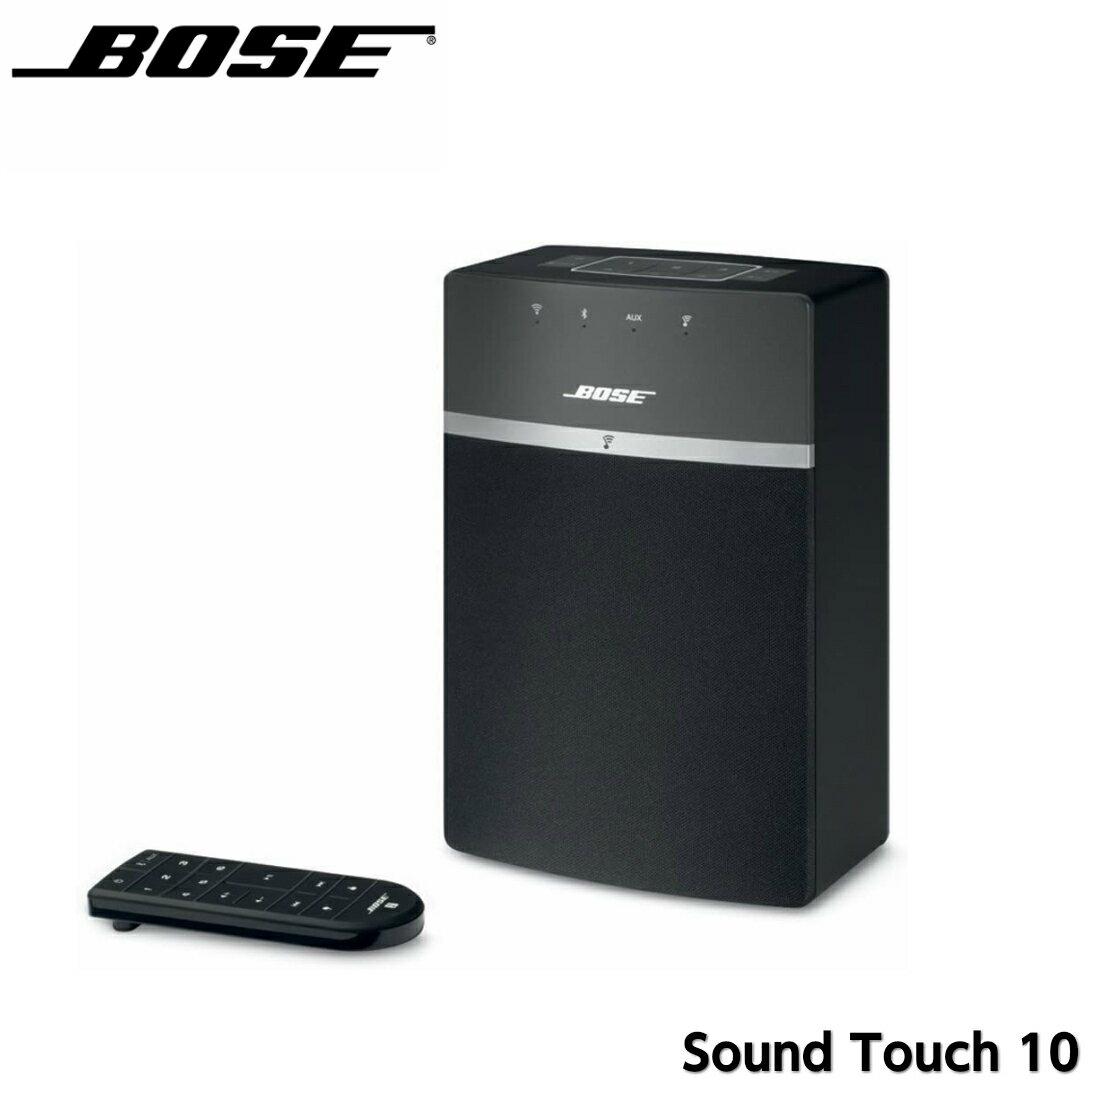 BoseSoundTouch10wirelessmusicsystemワイヤレススピーカーシステムAmazonAlexa対応Wi-Fi対応サウンドタッチブルトゥーススピーカーポータブルスピーカーワイヤレススピーカーボーズBluetooth